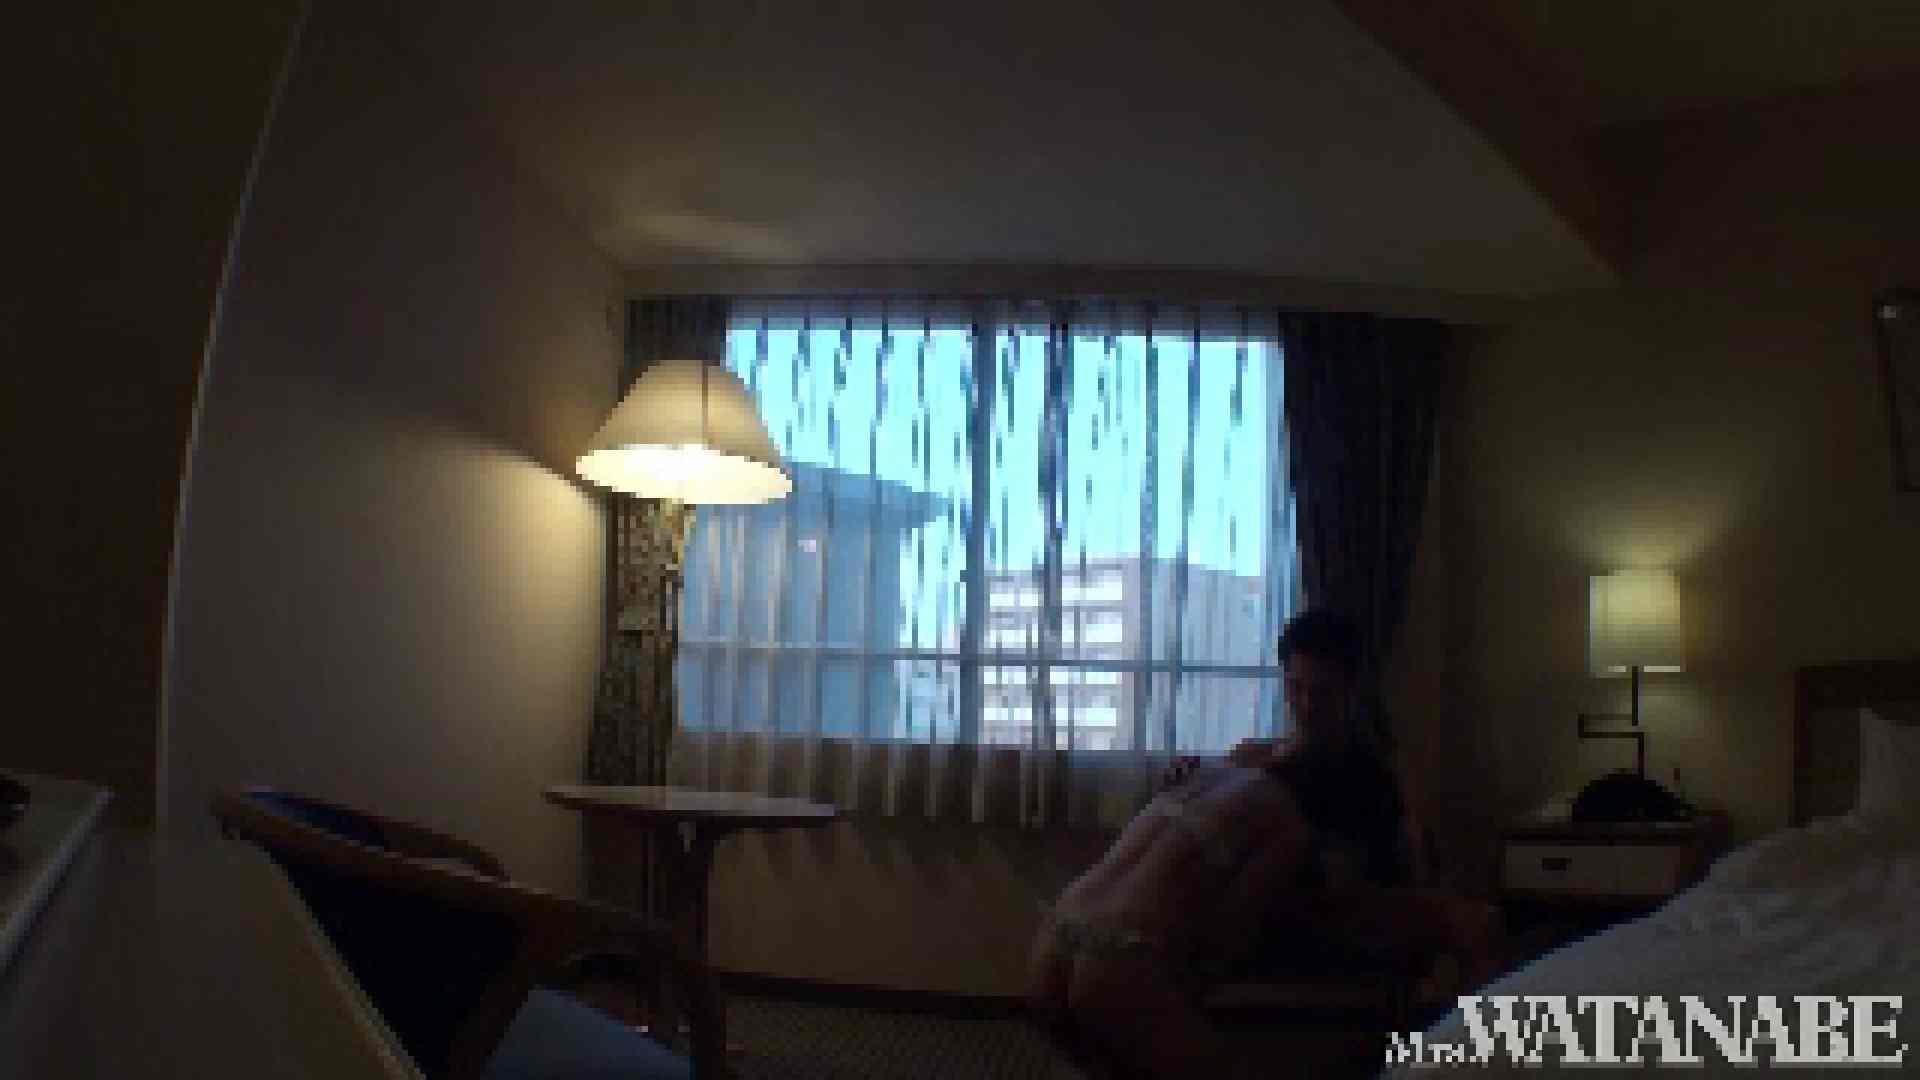 撮影スタッフを誘惑する痴熟女 かおり40歳 Vol.03 OLのエロ生活   熟女のエロ生活  74連発 51